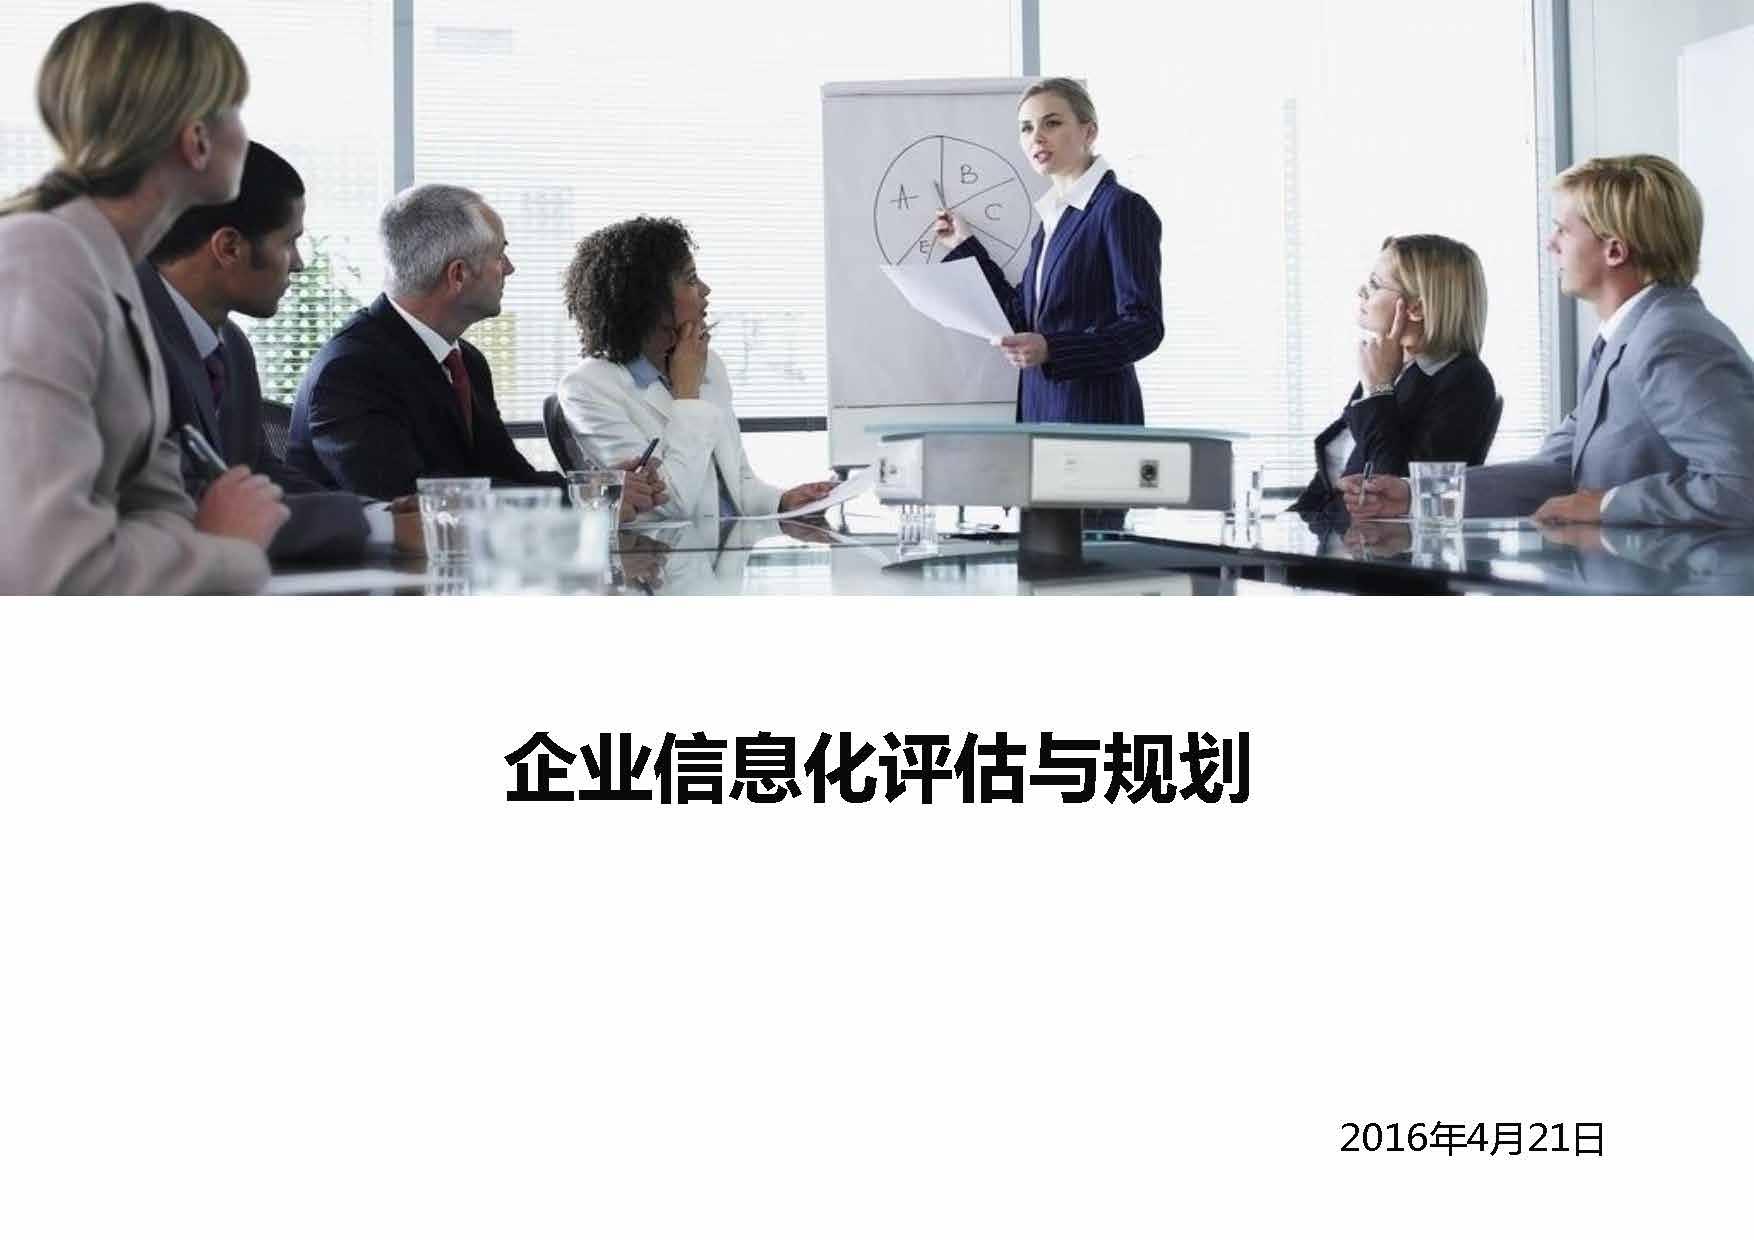 马文杰-企业信息化评估与规划